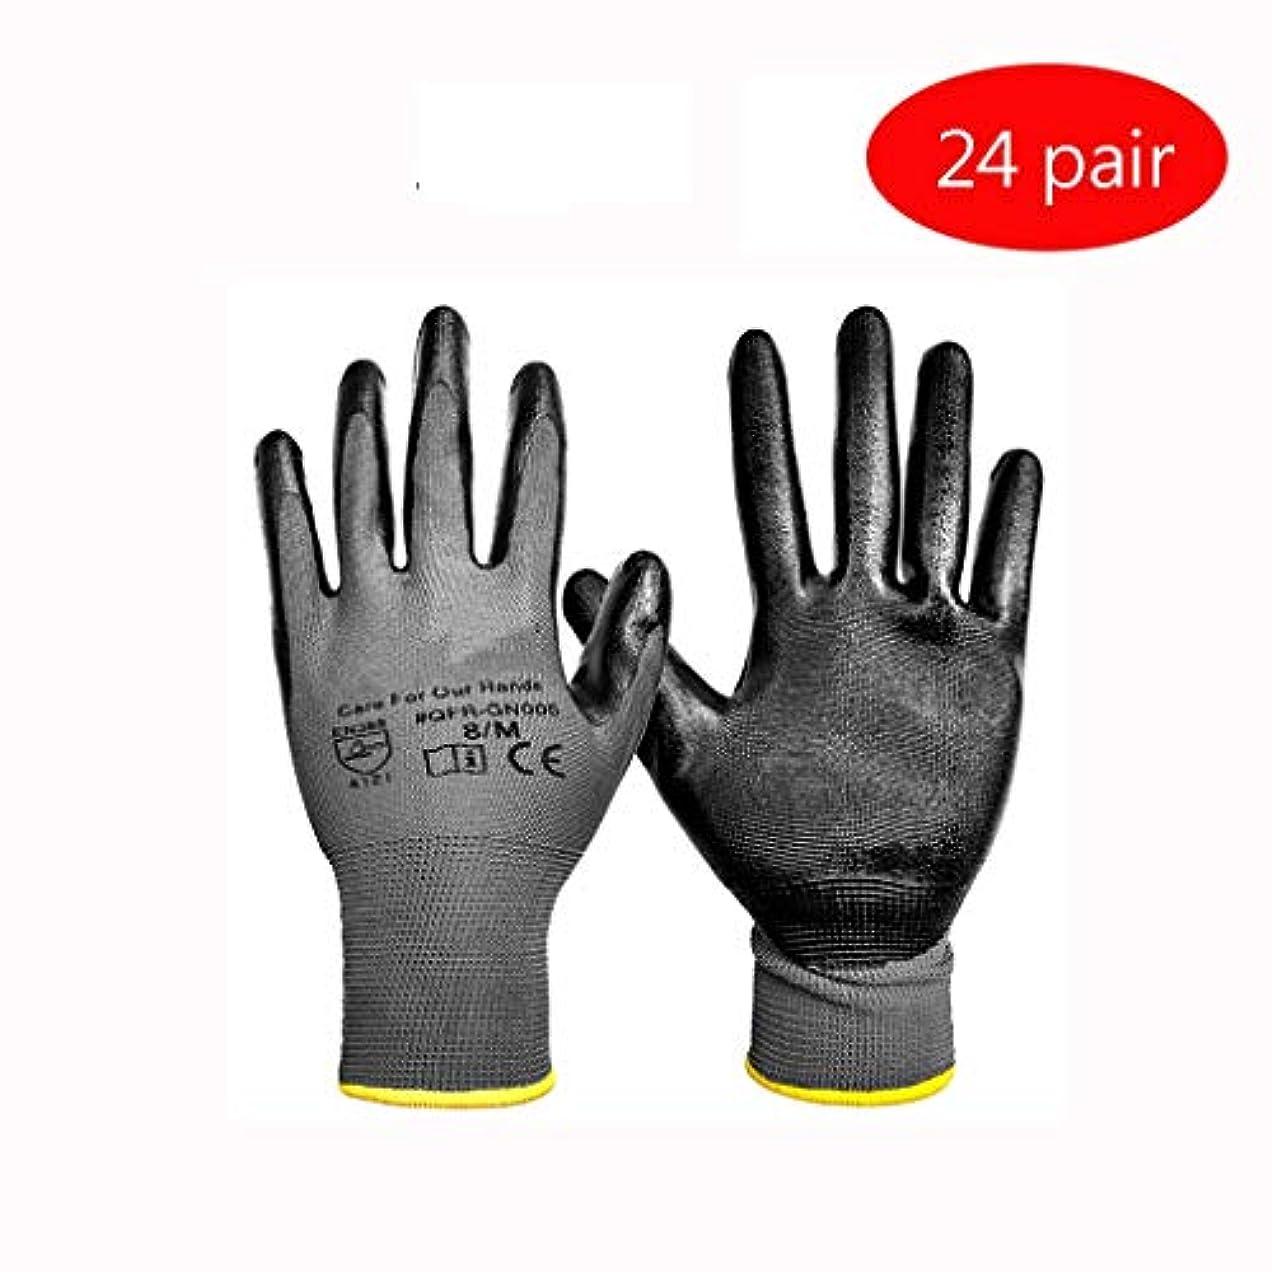 赤調和のとれた診断するLIUXIN プラスチック手袋/丁ハオは、手のひらの労働保護手袋/メンテナンス整備士オイルプルーフ滑り止め手袋/サイトハンドリング着用手袋/ -24を塗装 ゴム手袋 (サイズ さいず : Xl xl)